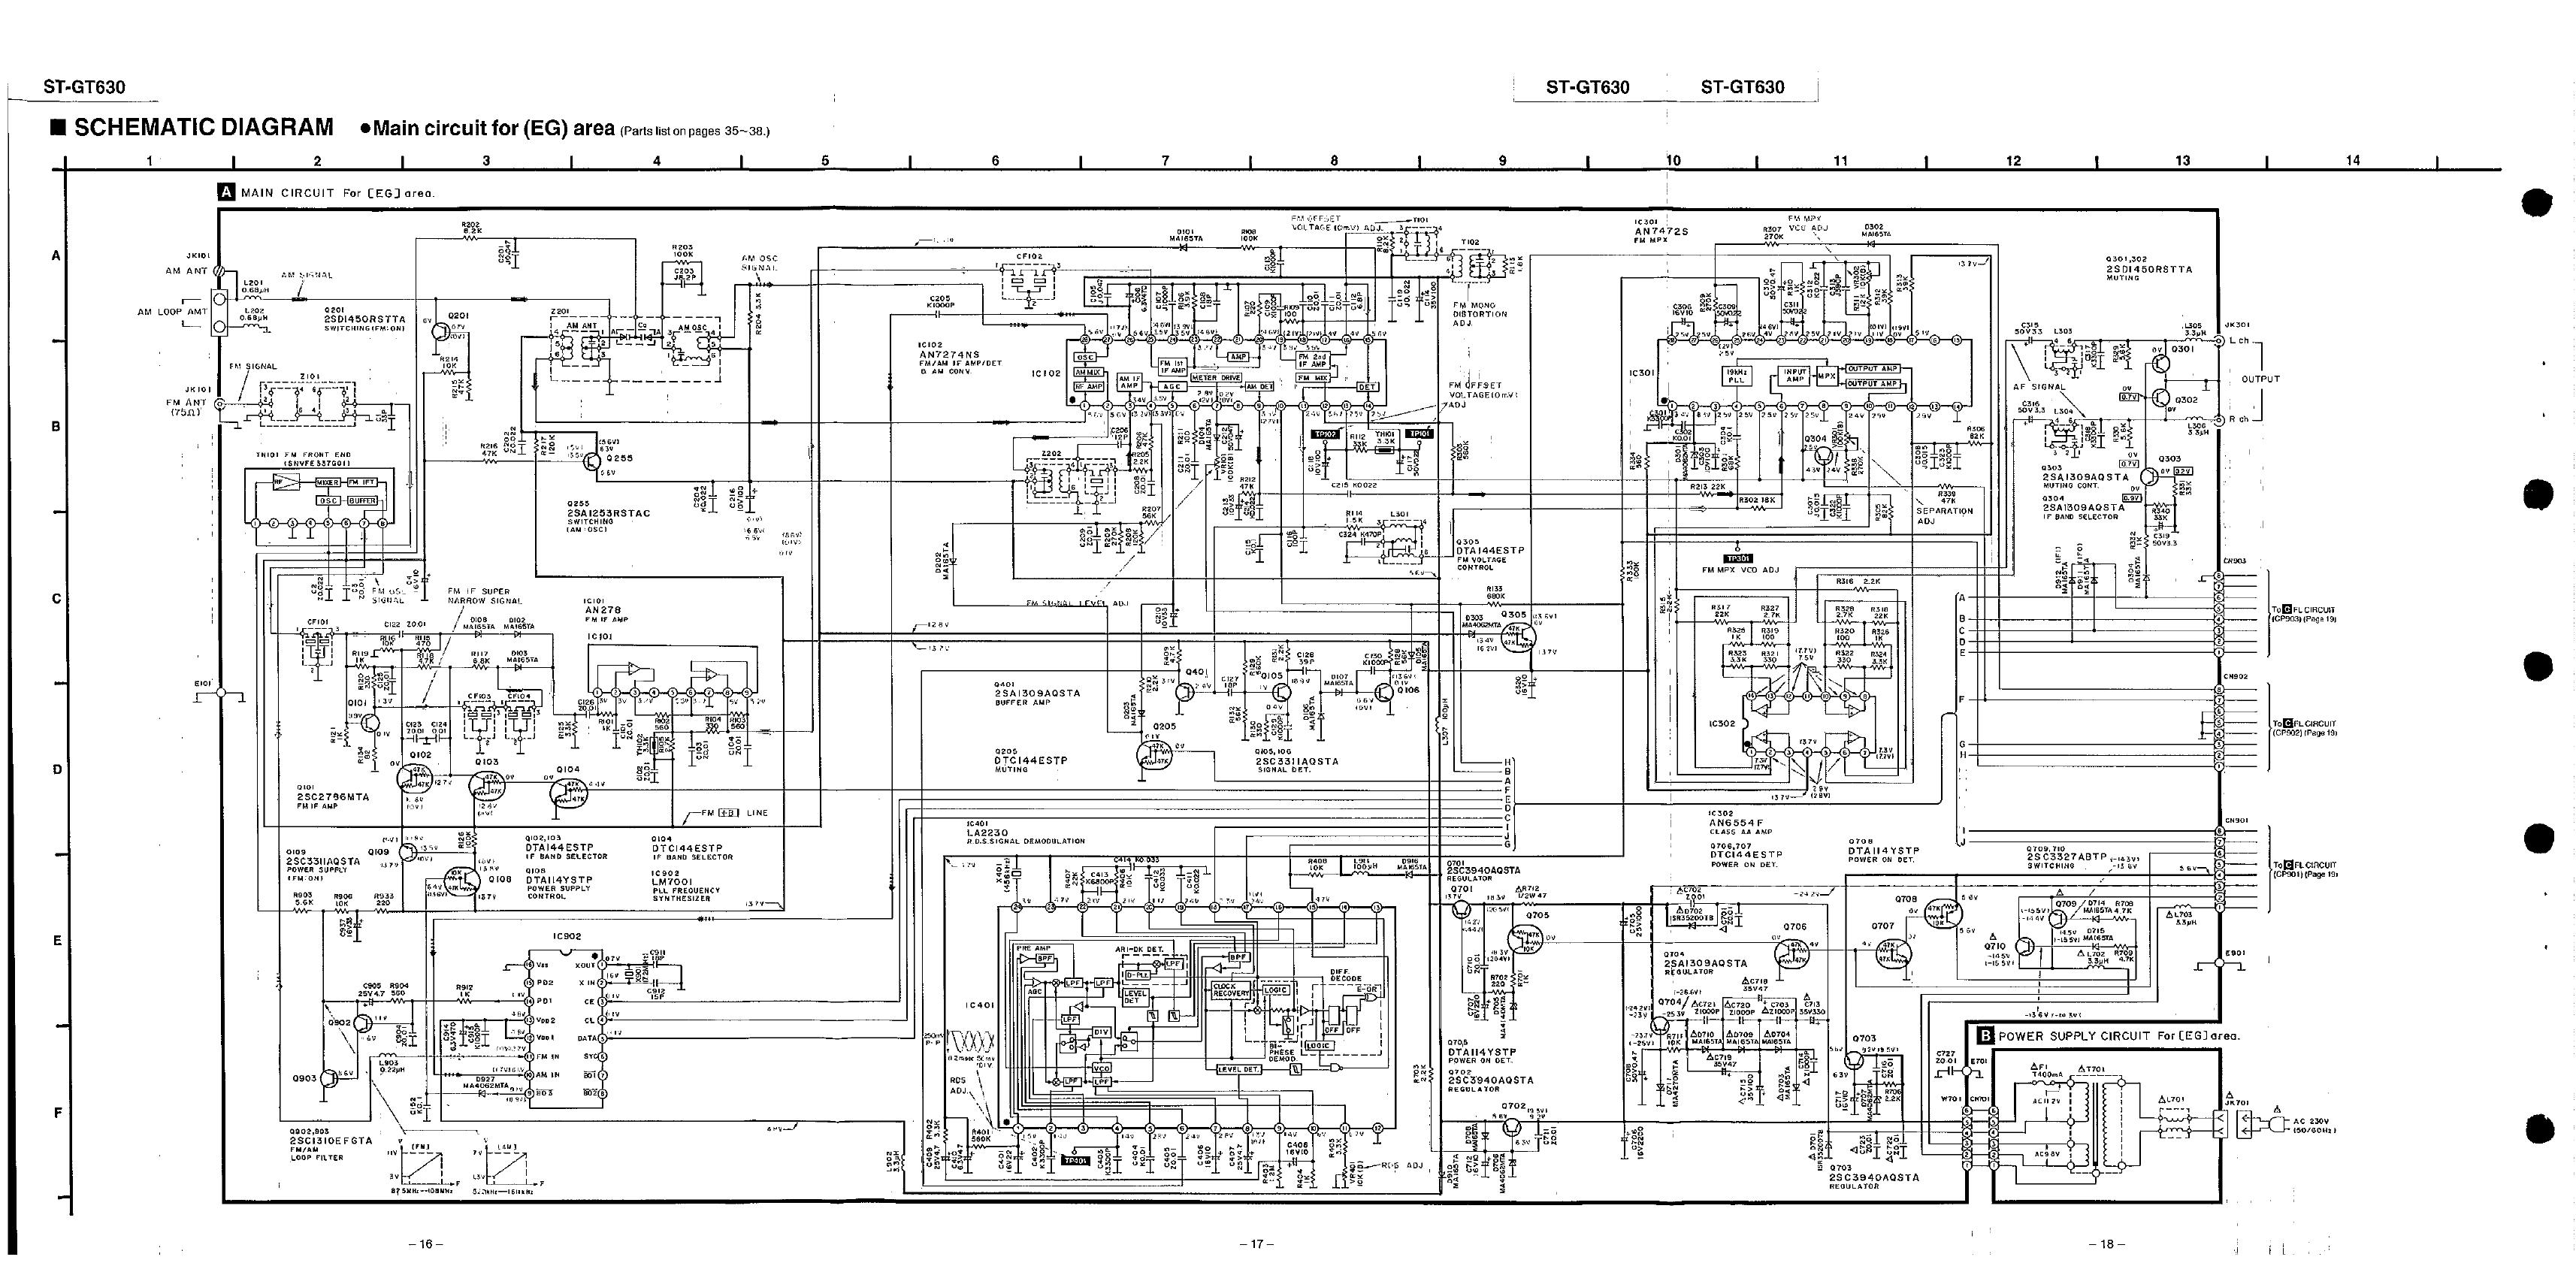 10 Technics St Gt 630 Service Manual C F L Circuit Diagram 34114